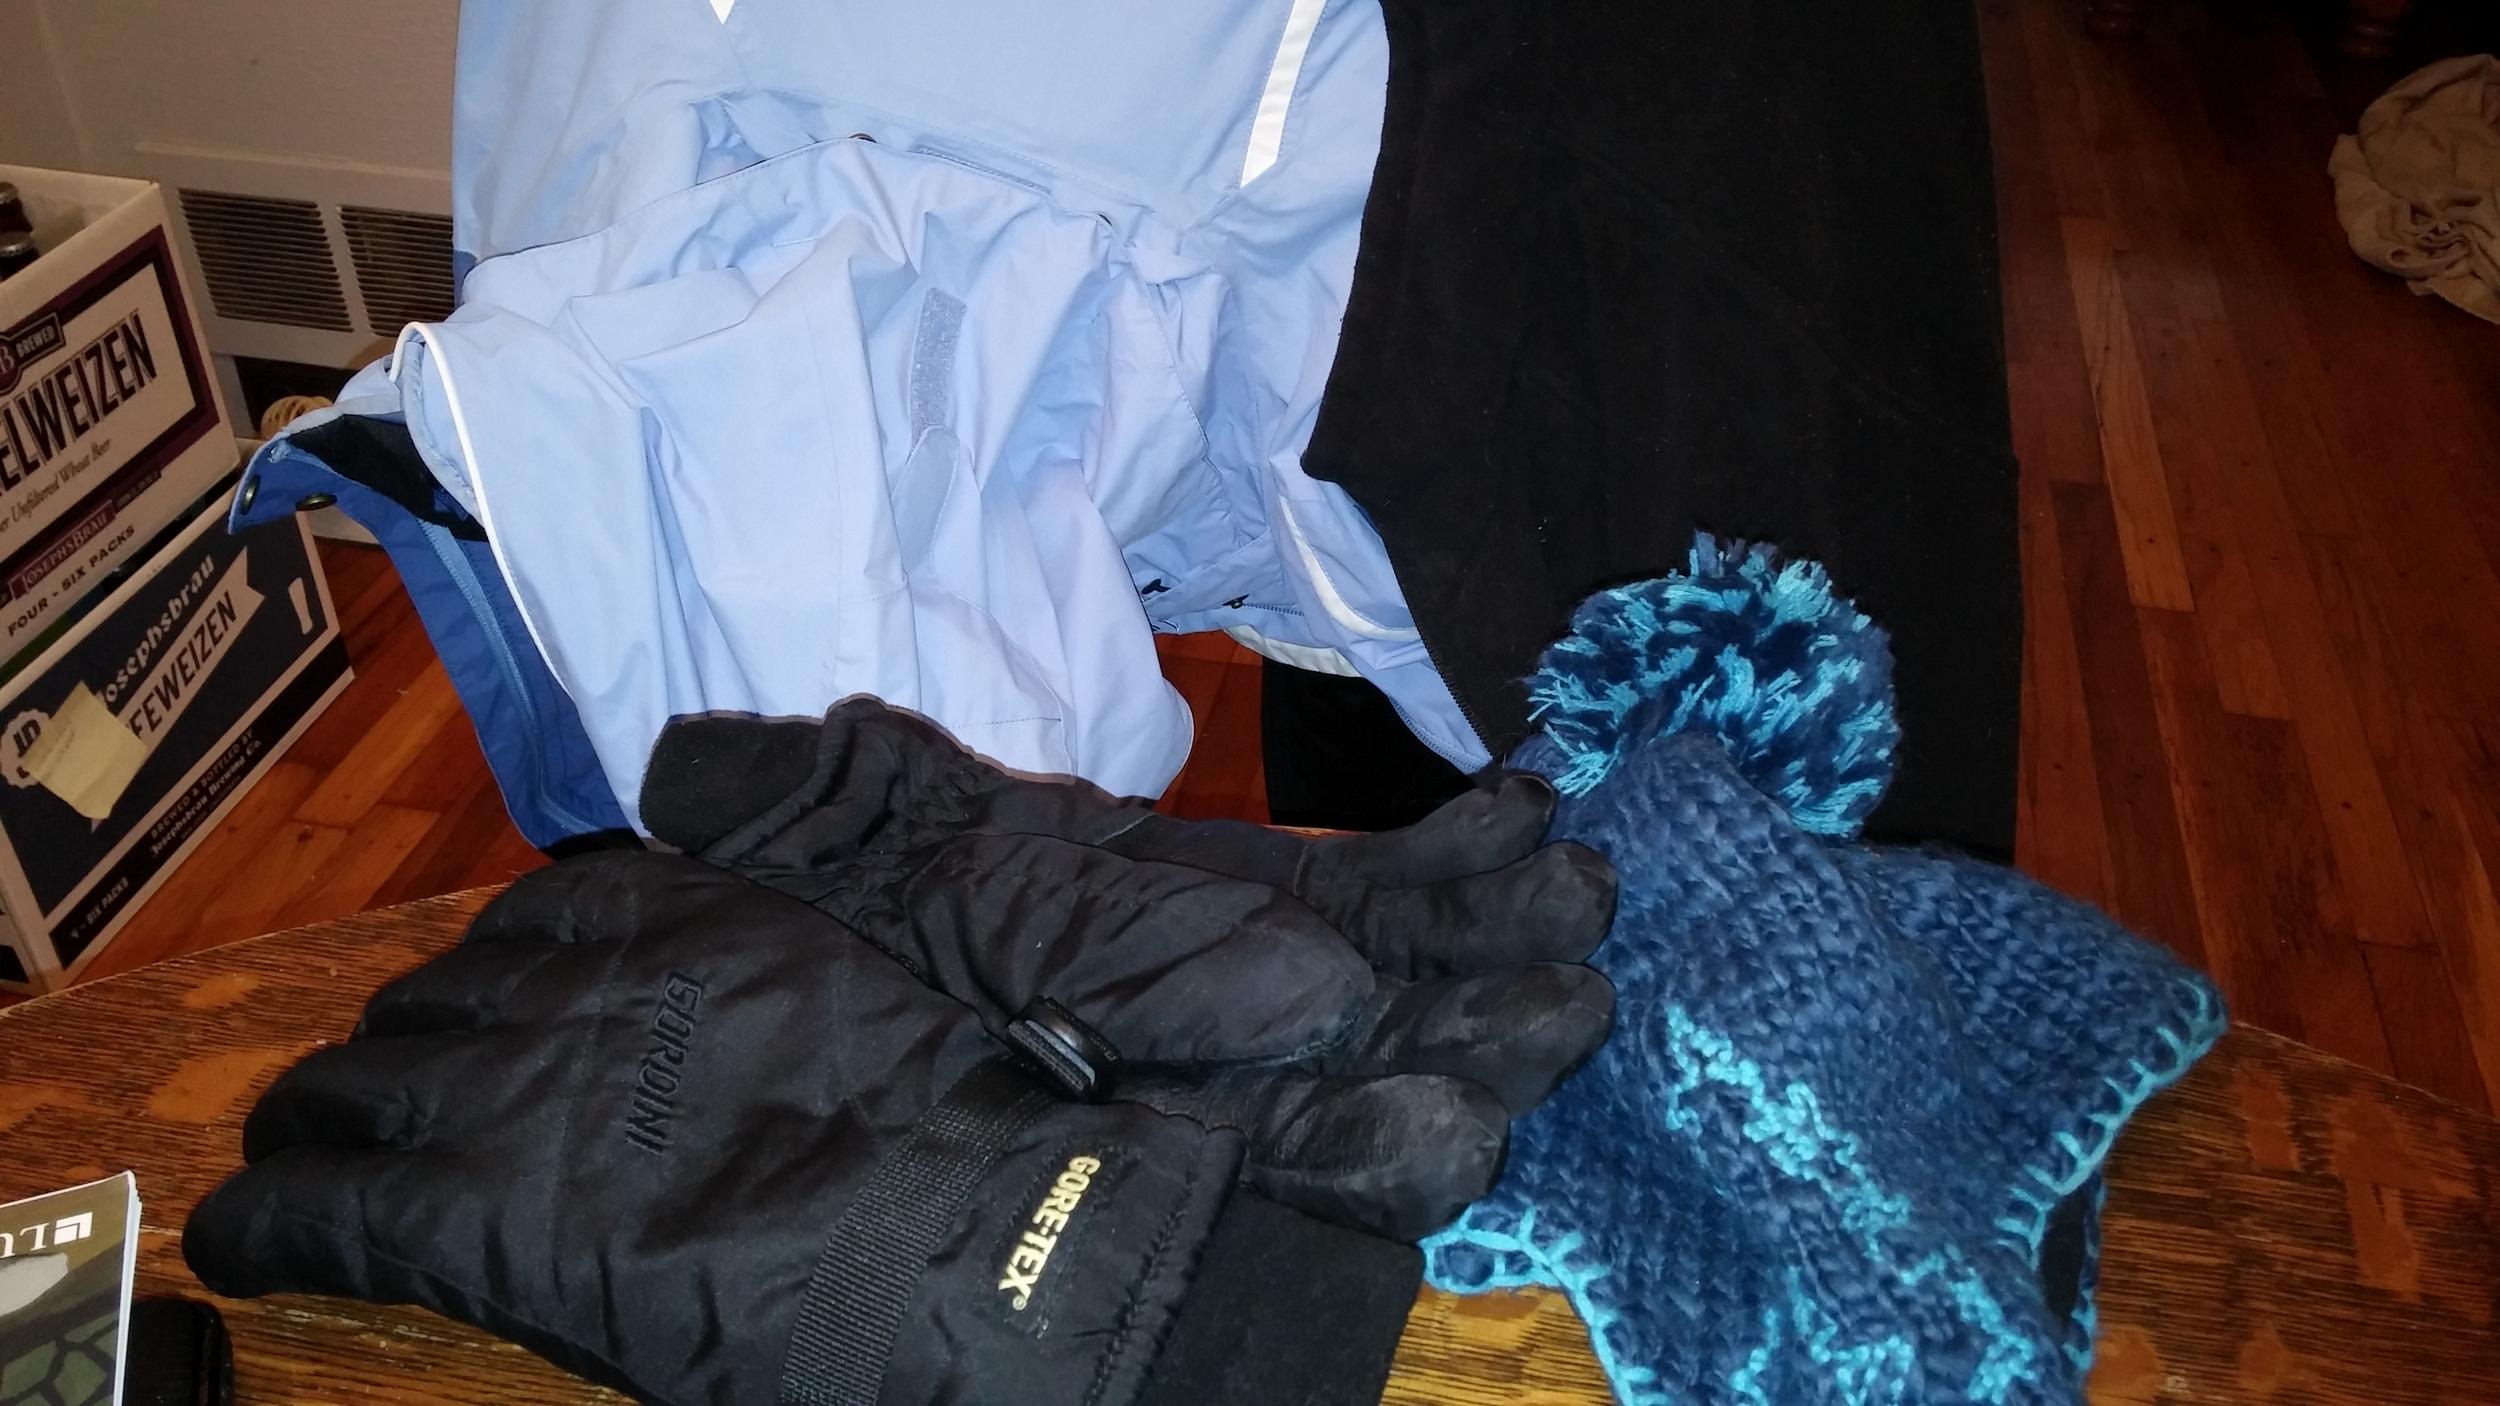 So much stuff to wear!